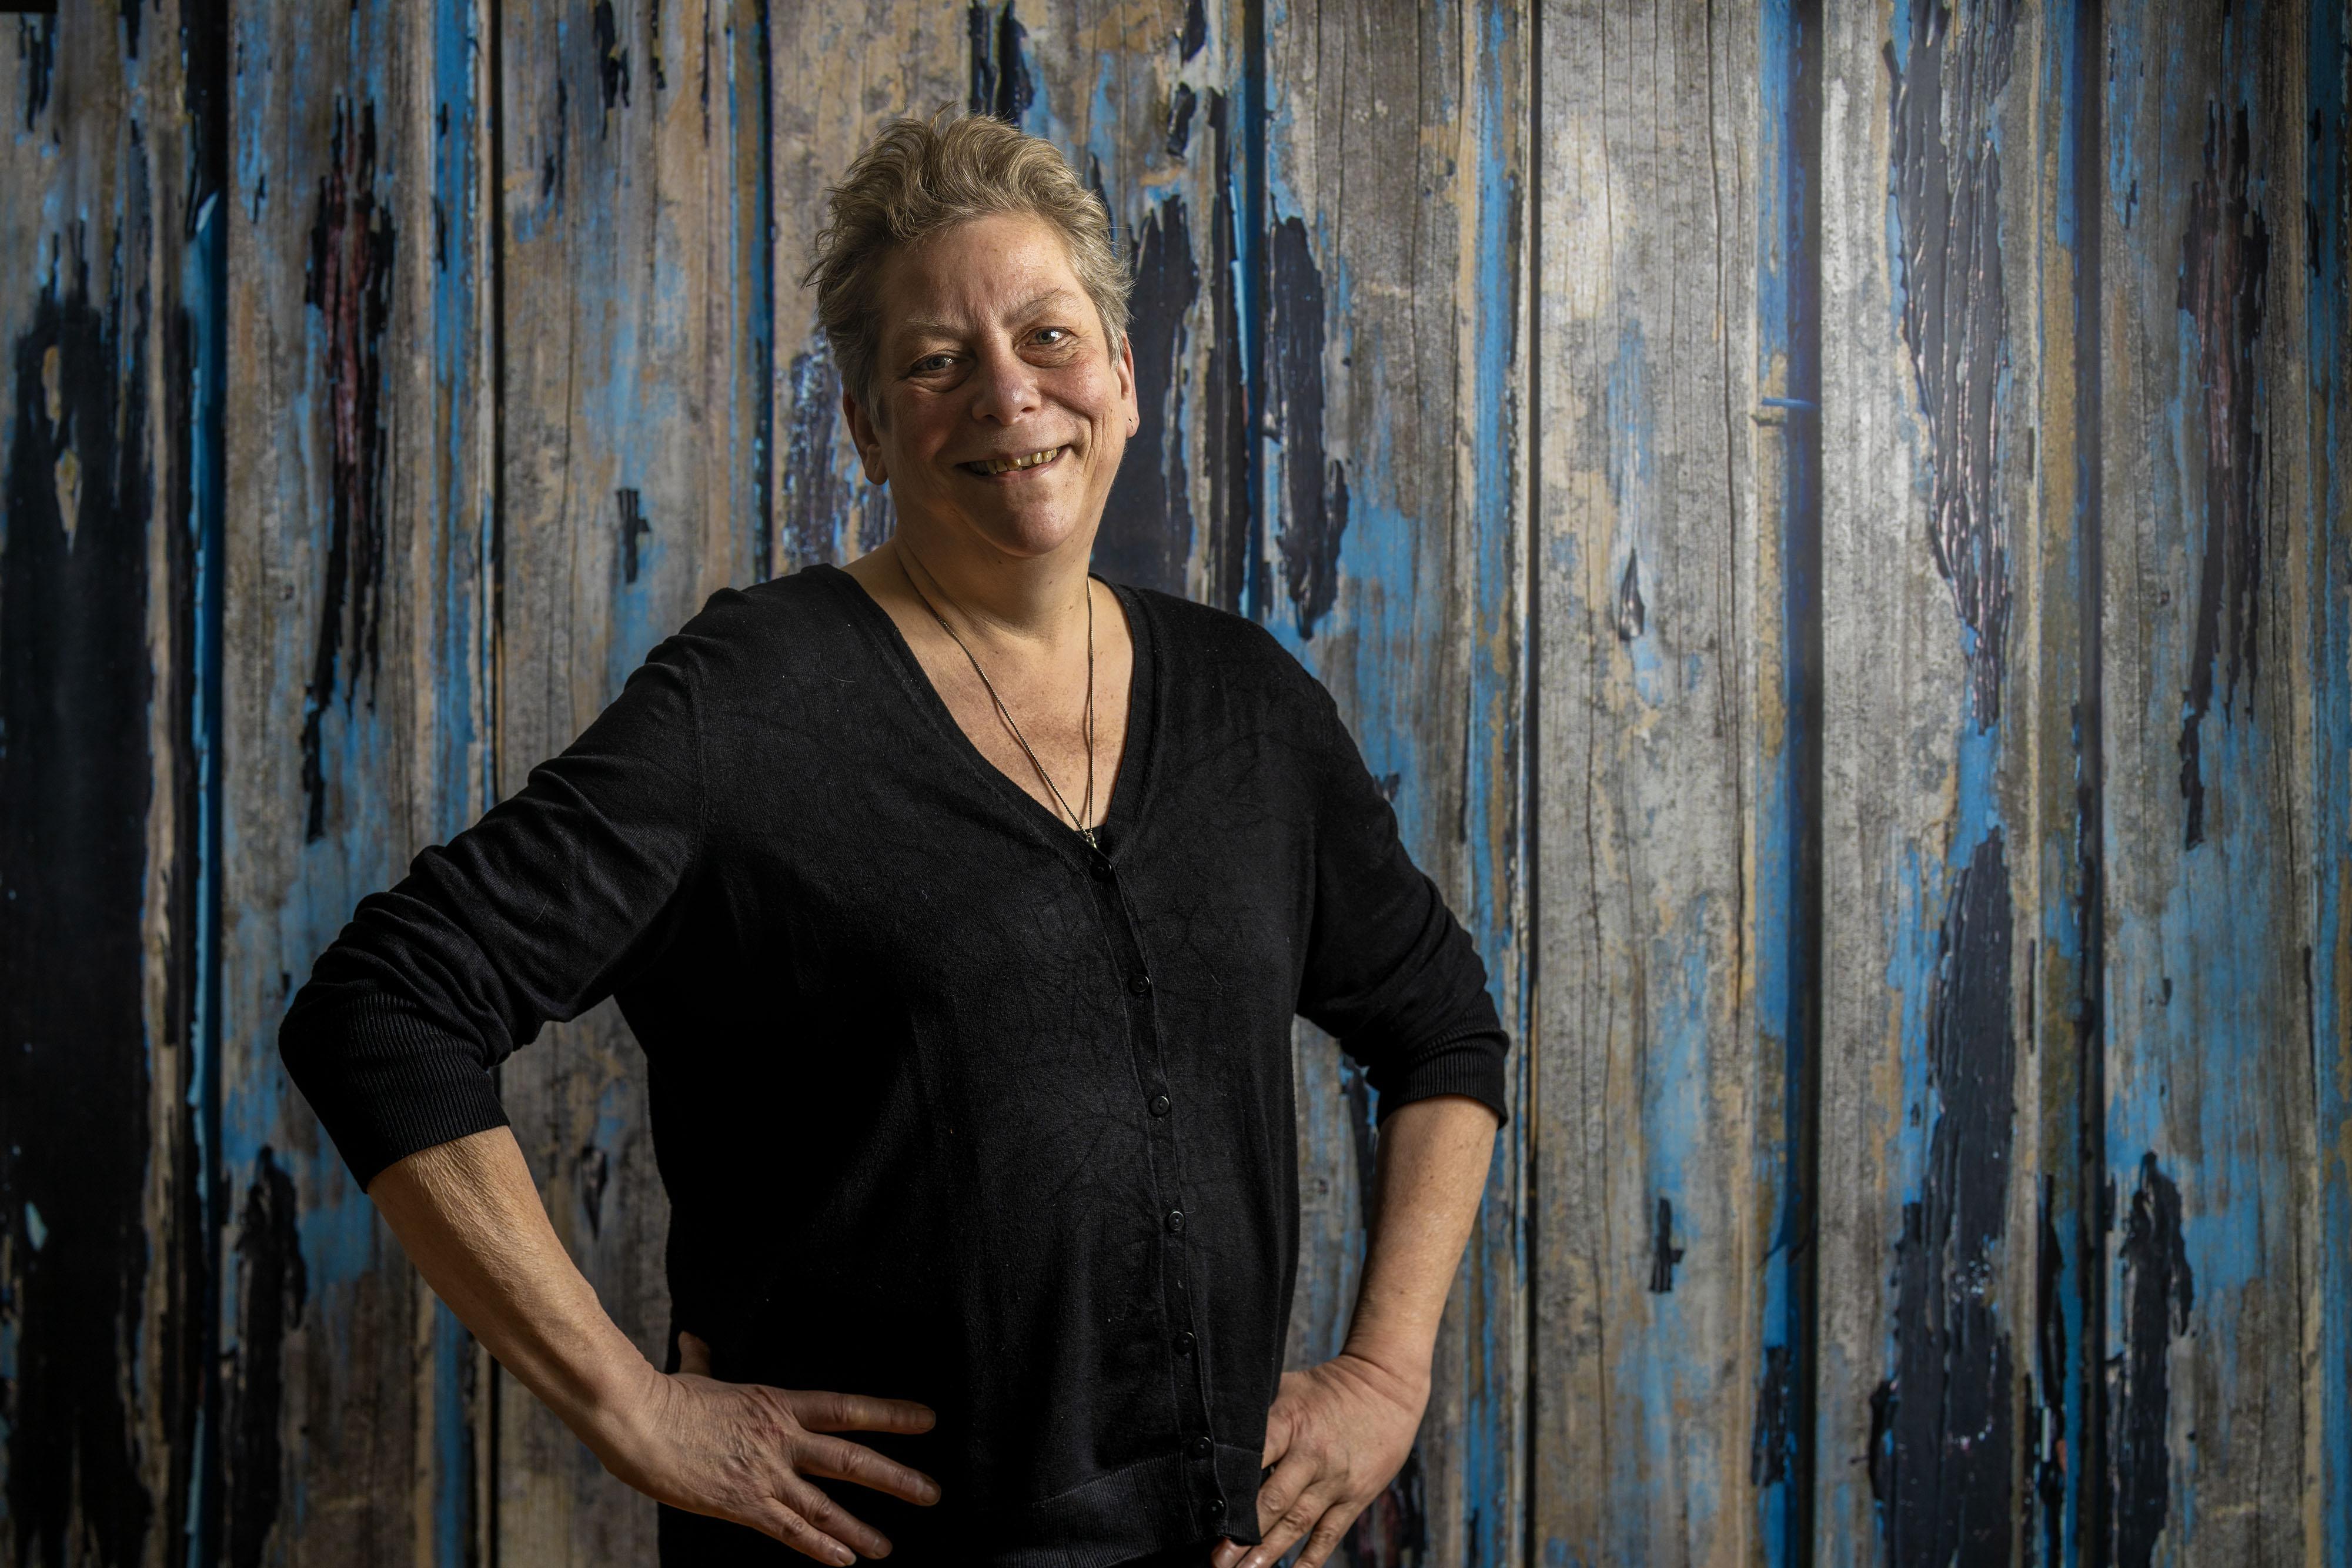 Fransje Barnard, genomineerd als Persoon van het Jaar: door haar bleef de BOP open voor kwetsbare mensen, ook tijdens de lockdown